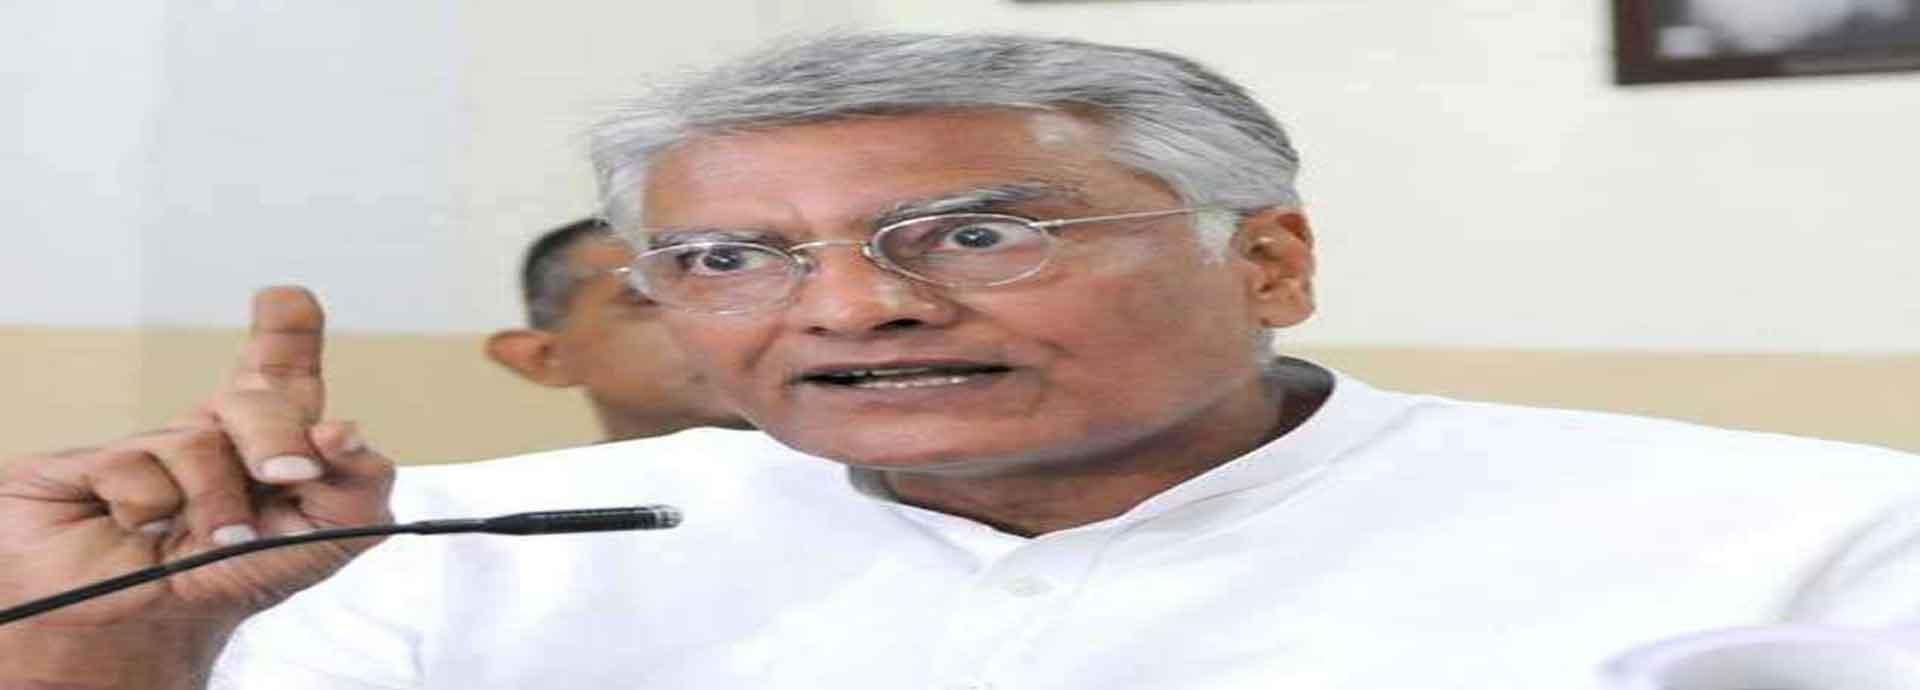 कांग्रेस में इस्तीफे की होड़, सुनील जाखड़ ने छोड़ी अध्यक्ष पद की कमान